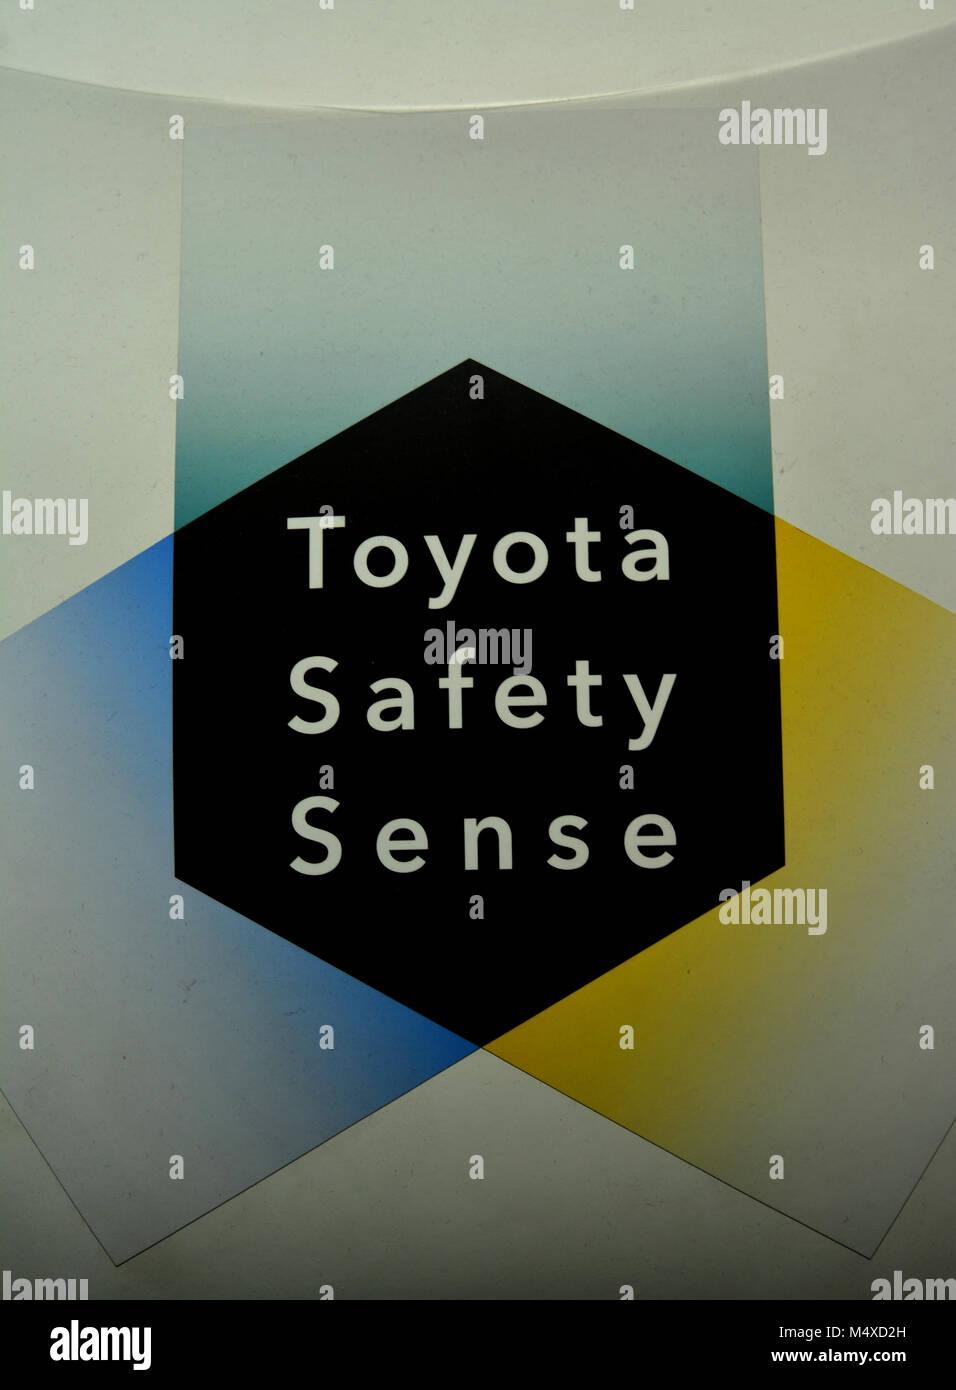 La sécurité Toyota Conseil Sens Photo Stock